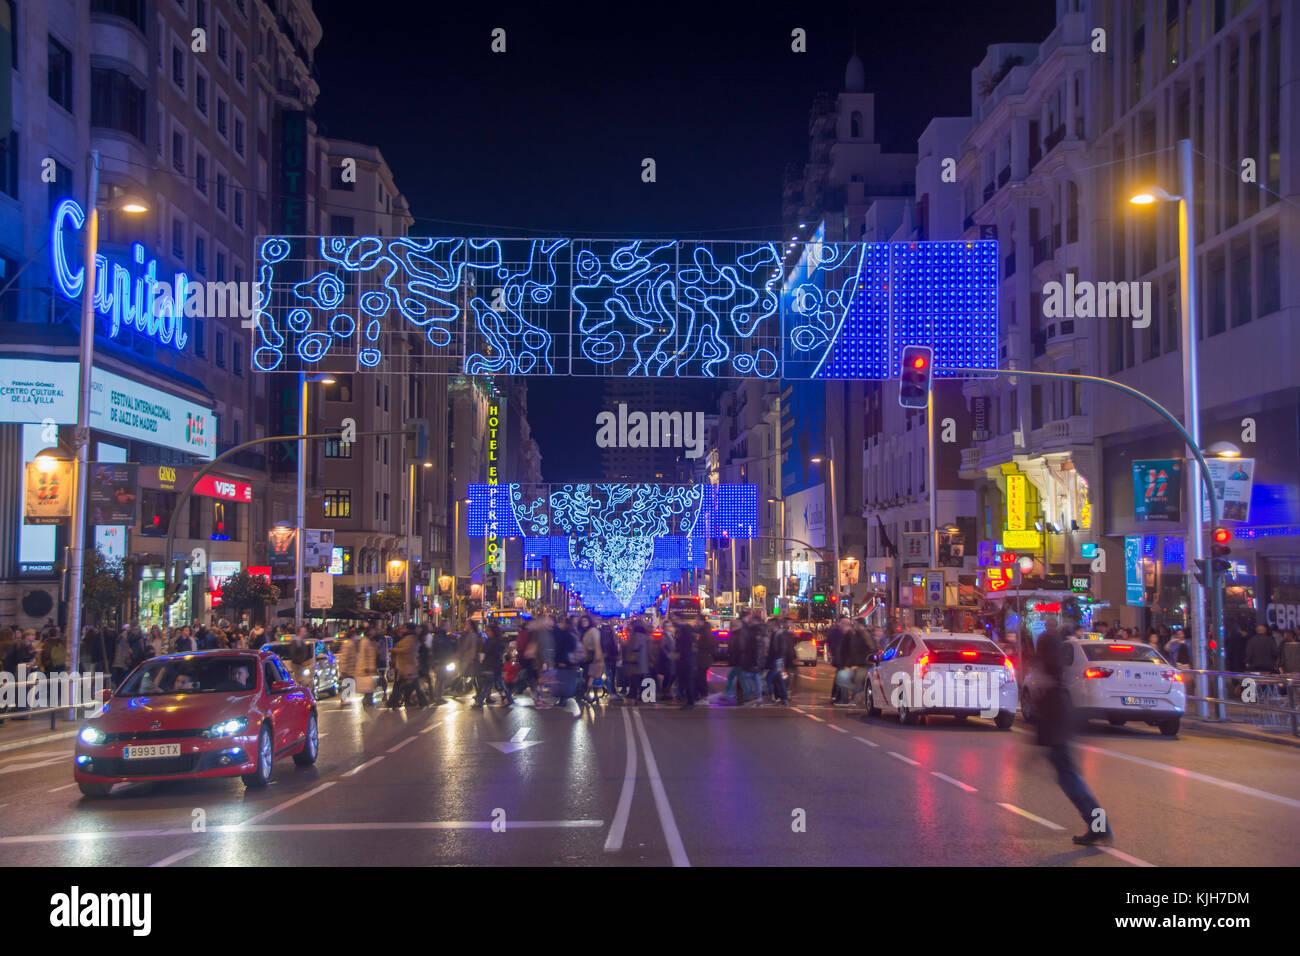 Madrid, Espagne. 24 novembre, 2017. Les gens se rassemblent pour regarder un arbre de Noël traditionnel éclairage Photo Stock